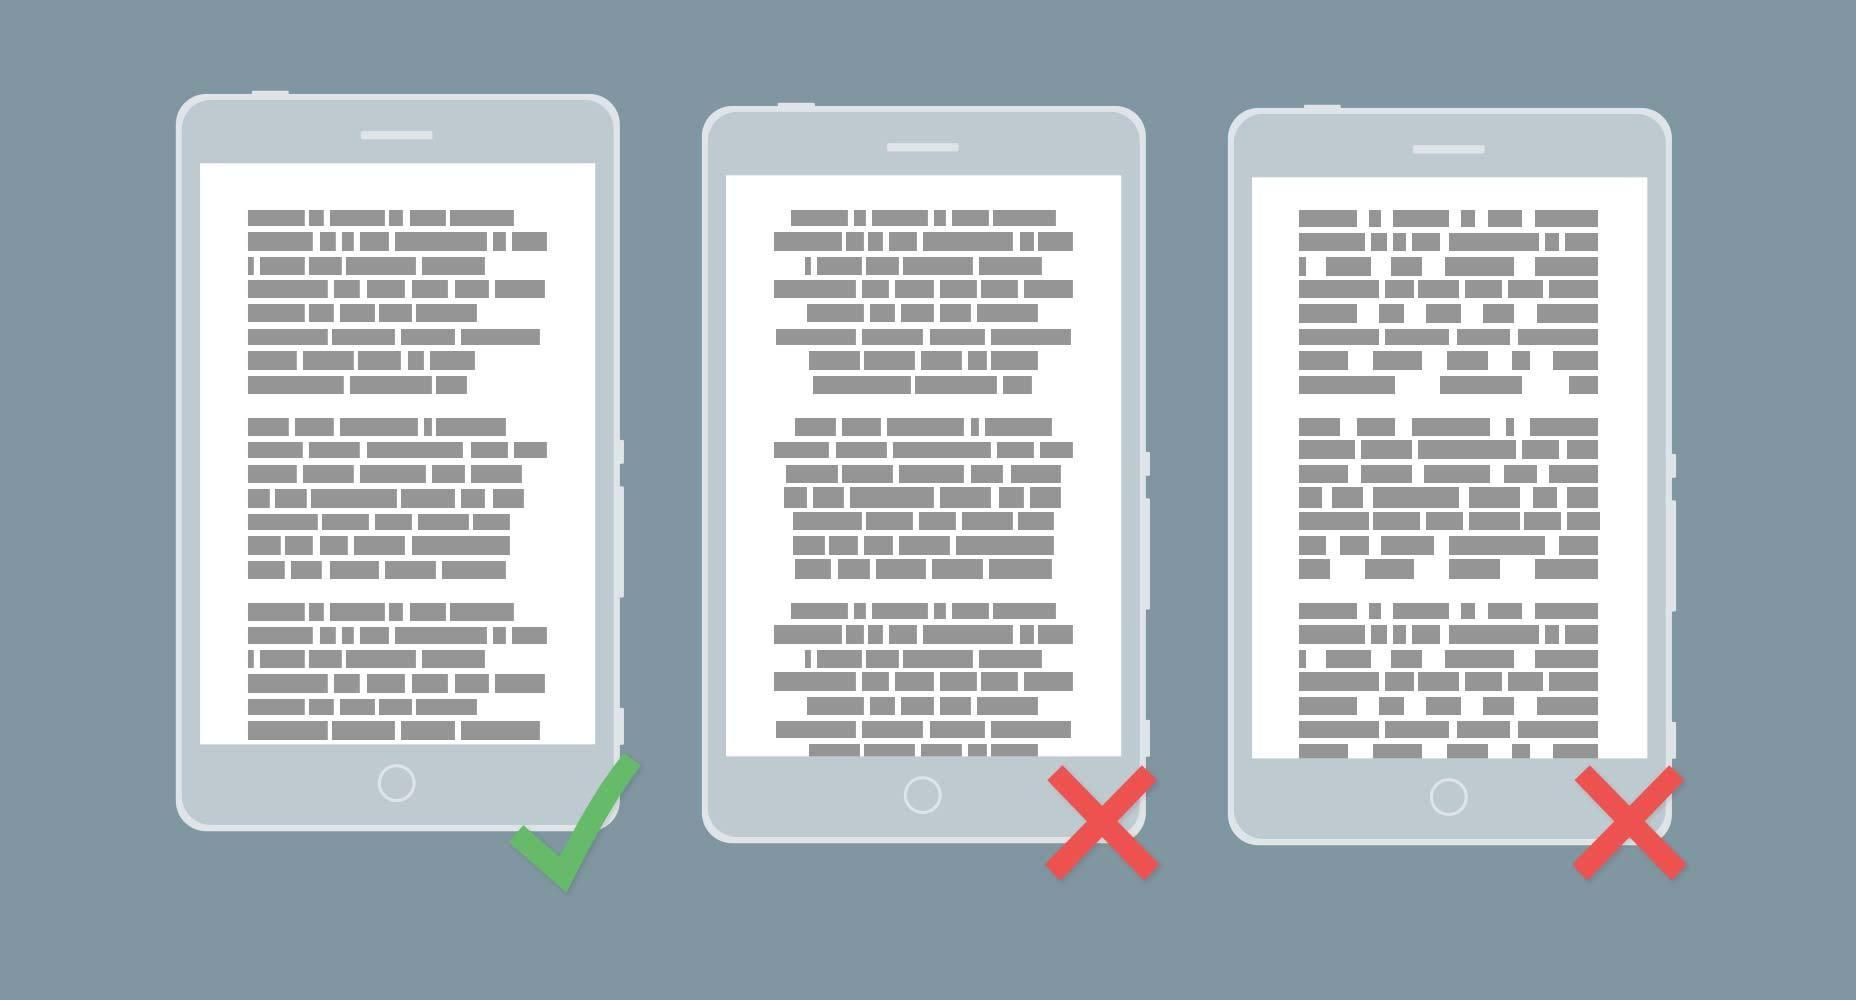 新媒体运营:字体排版设计准则,提高移动设备可读性!